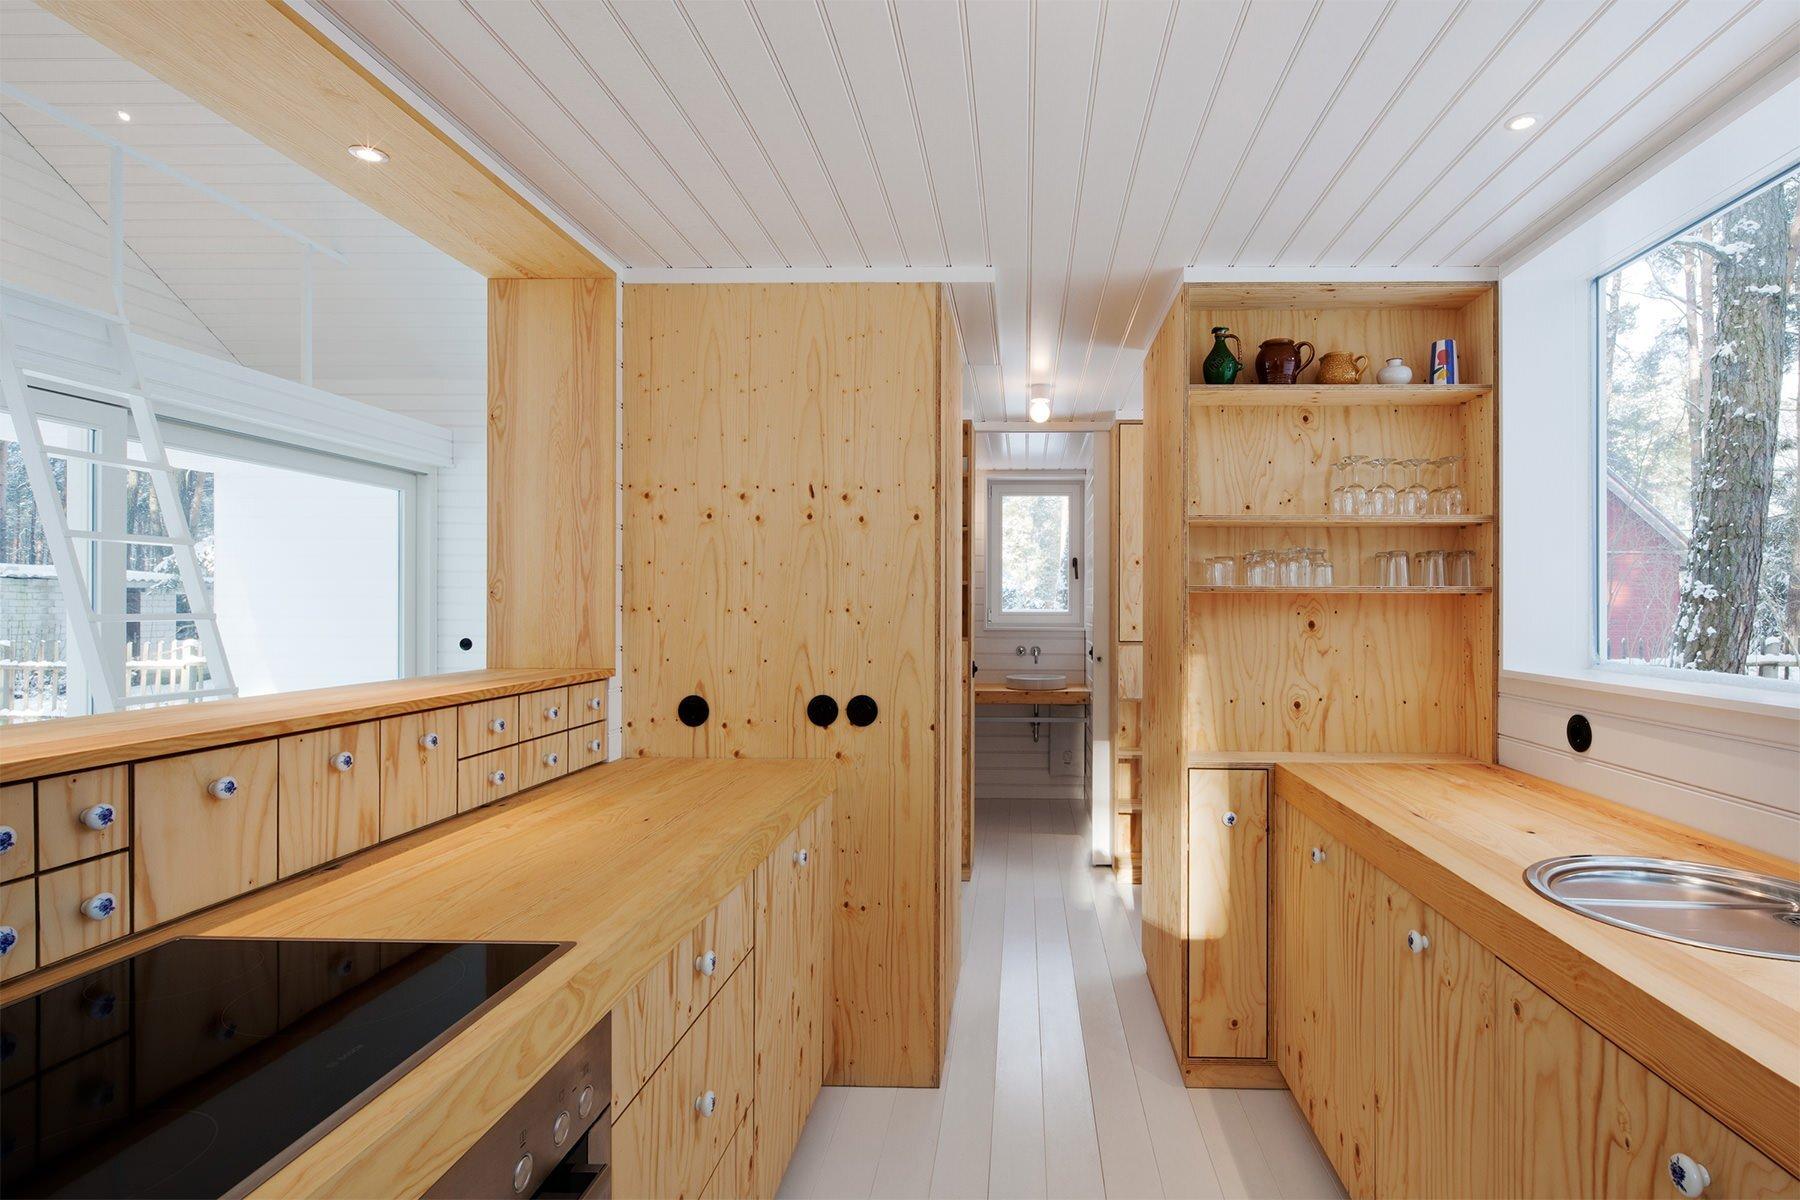 Waldhaus -Small Cabin - Brandenburg - Atelier-ST - Kitchen - Humble Homes